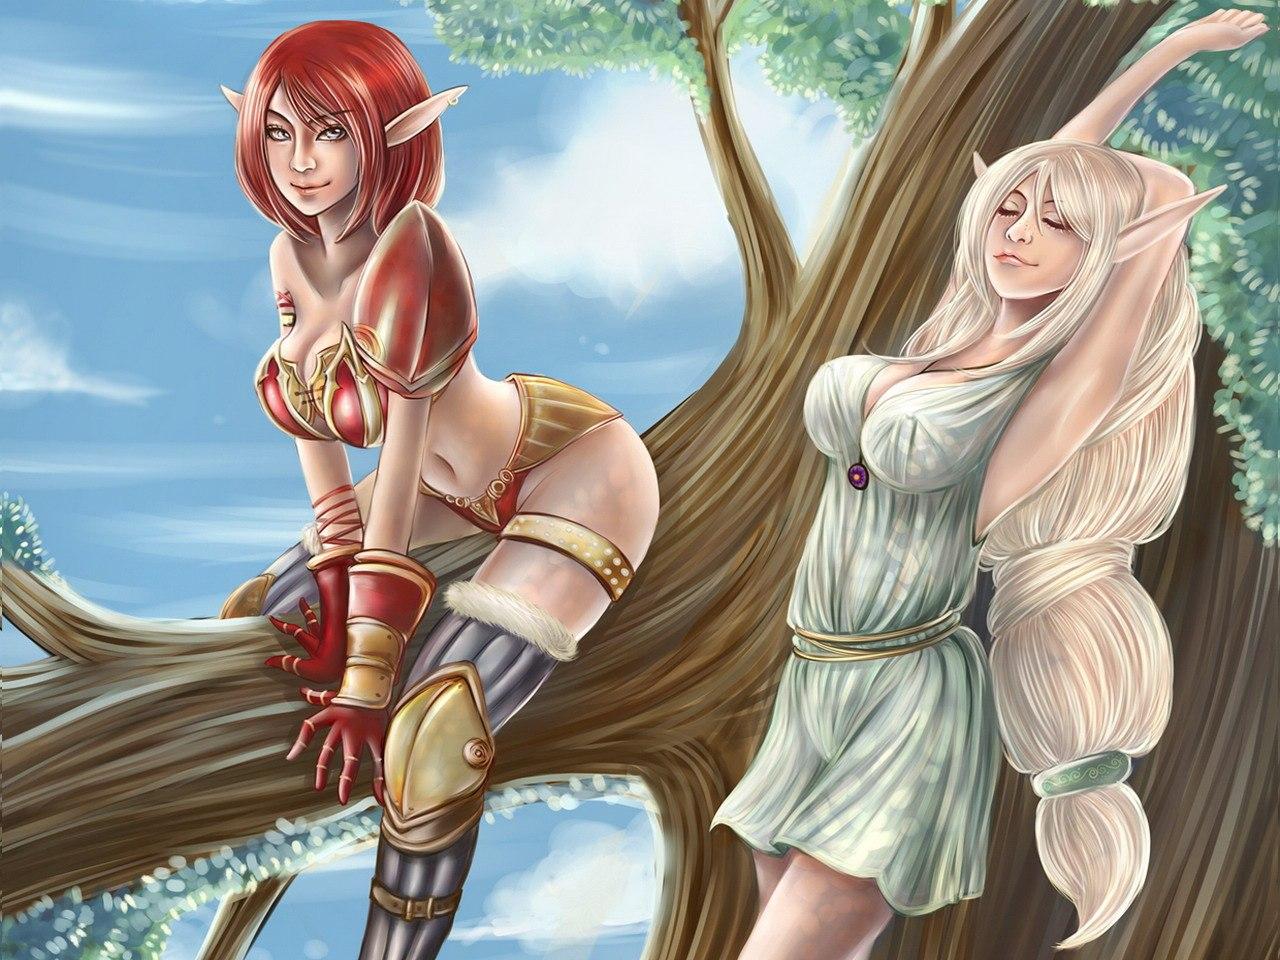 Elfen girls porno naked galleries